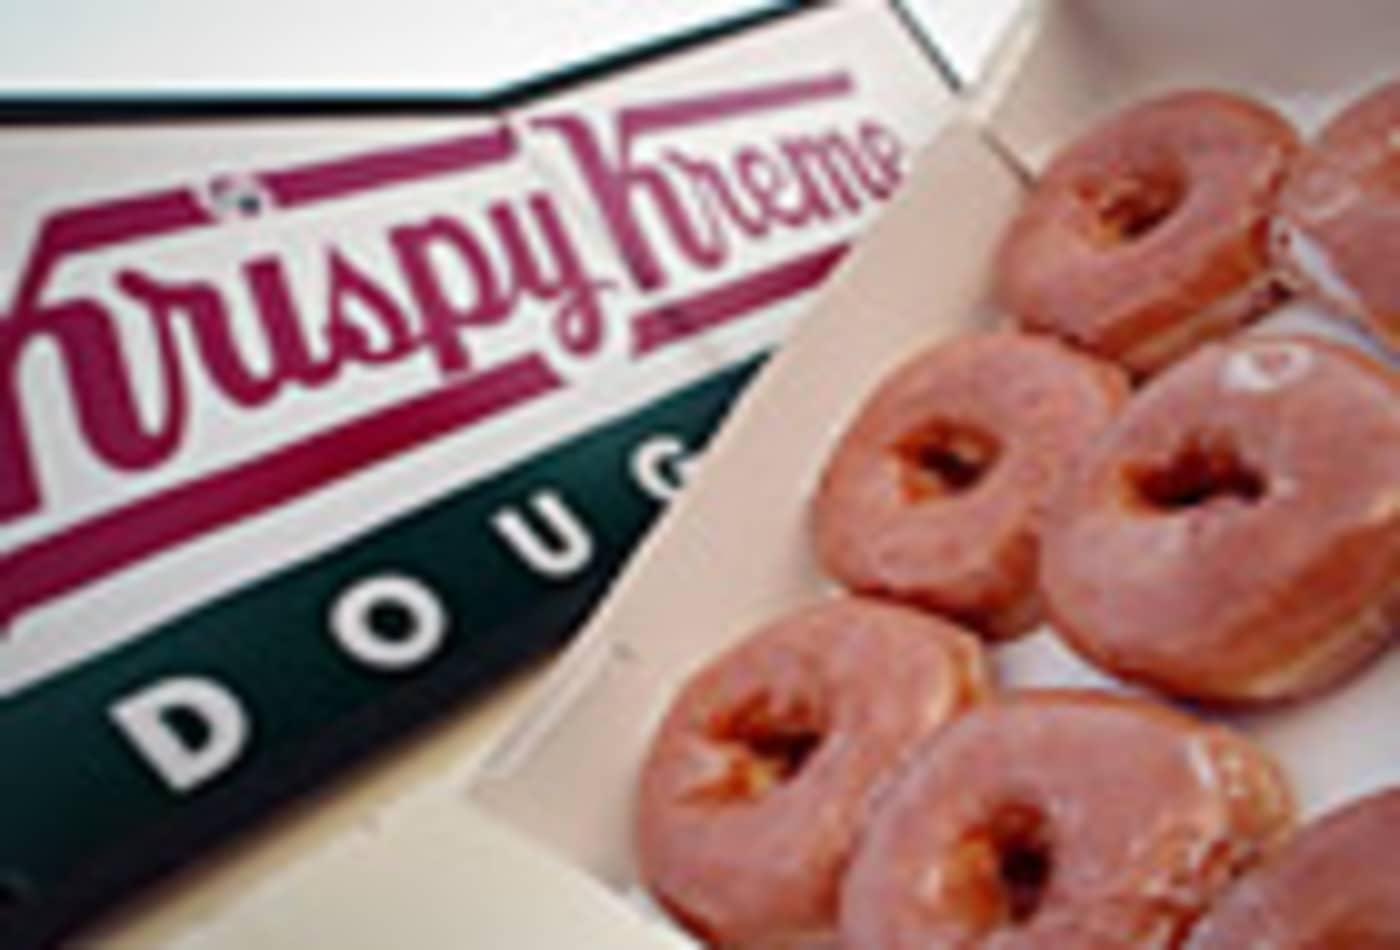 krispy-kreme-sign-donuts-140.jpg